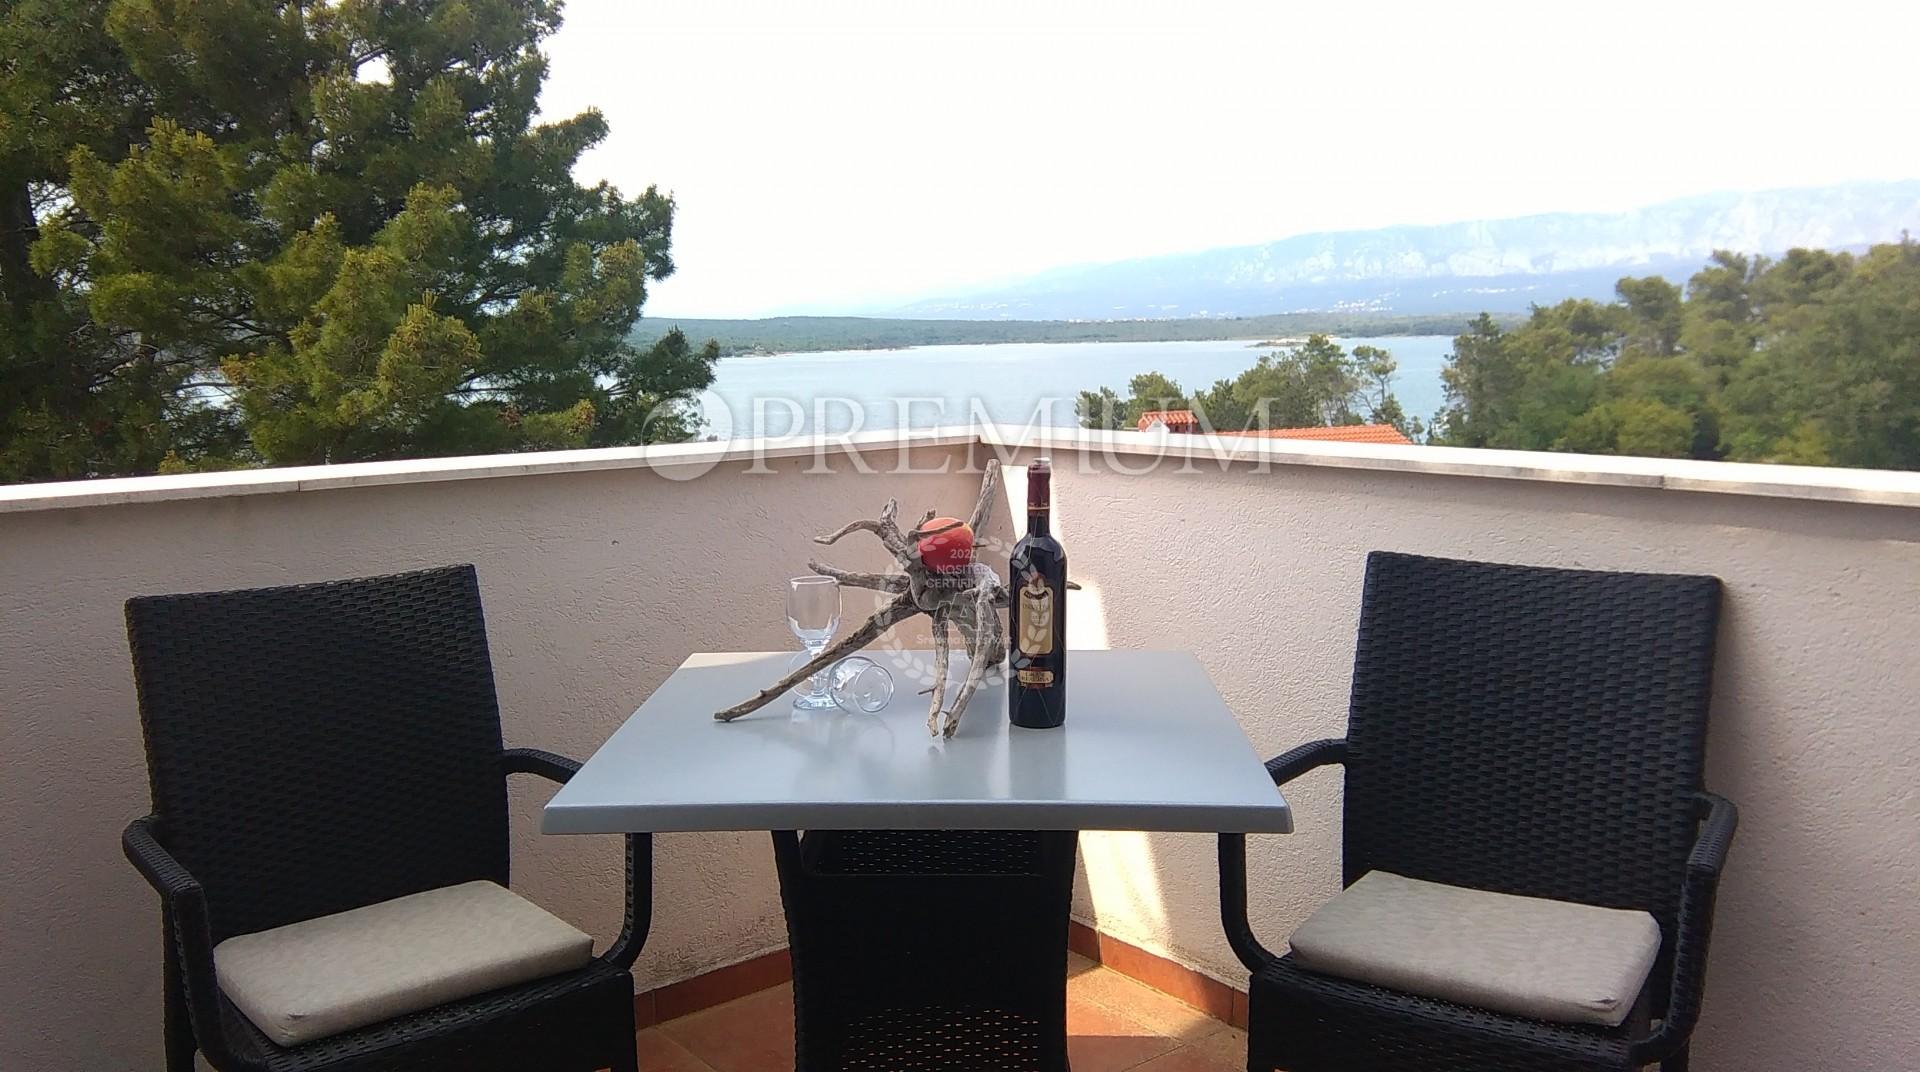 Soline, prodaja, apartman od 66 m2 s pogledom na more. Visoko potkrovlje.